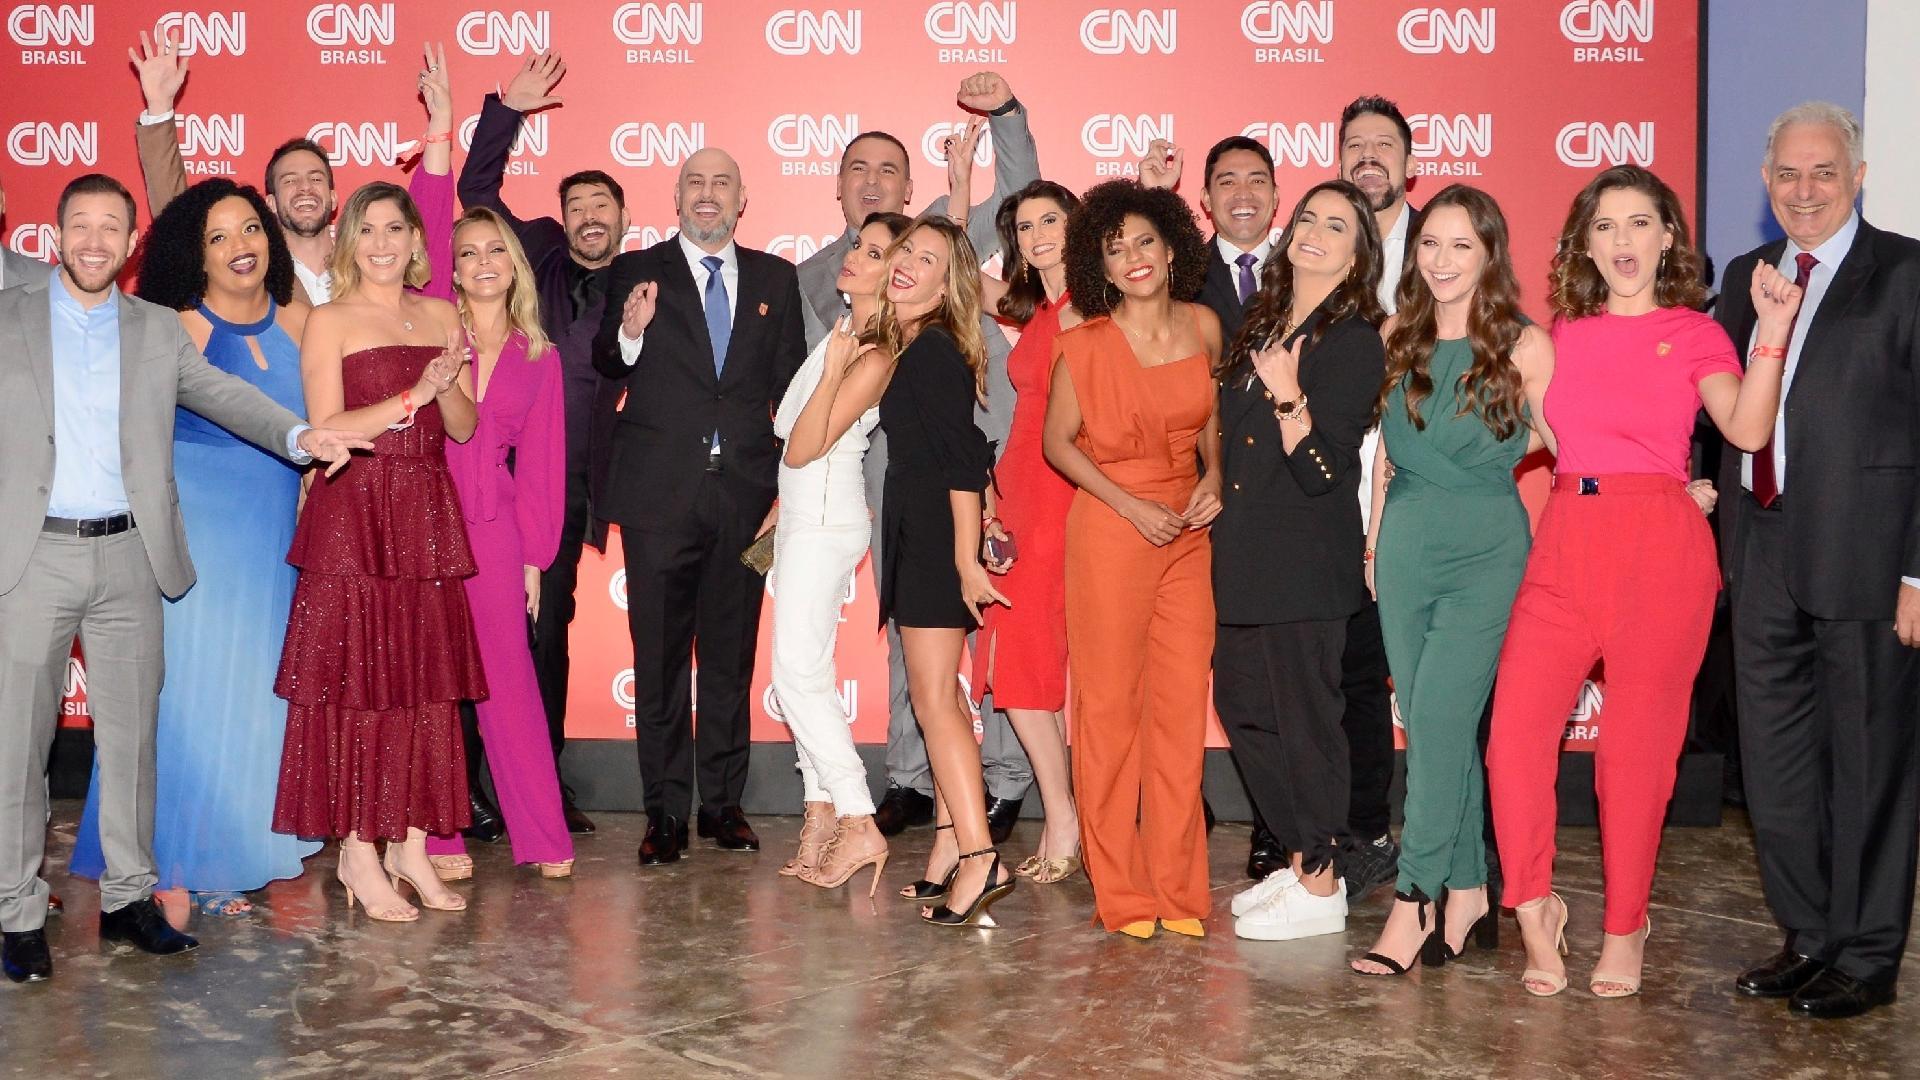 Resultado de imagem para Estreia da CNN Brasil (15/03/2020